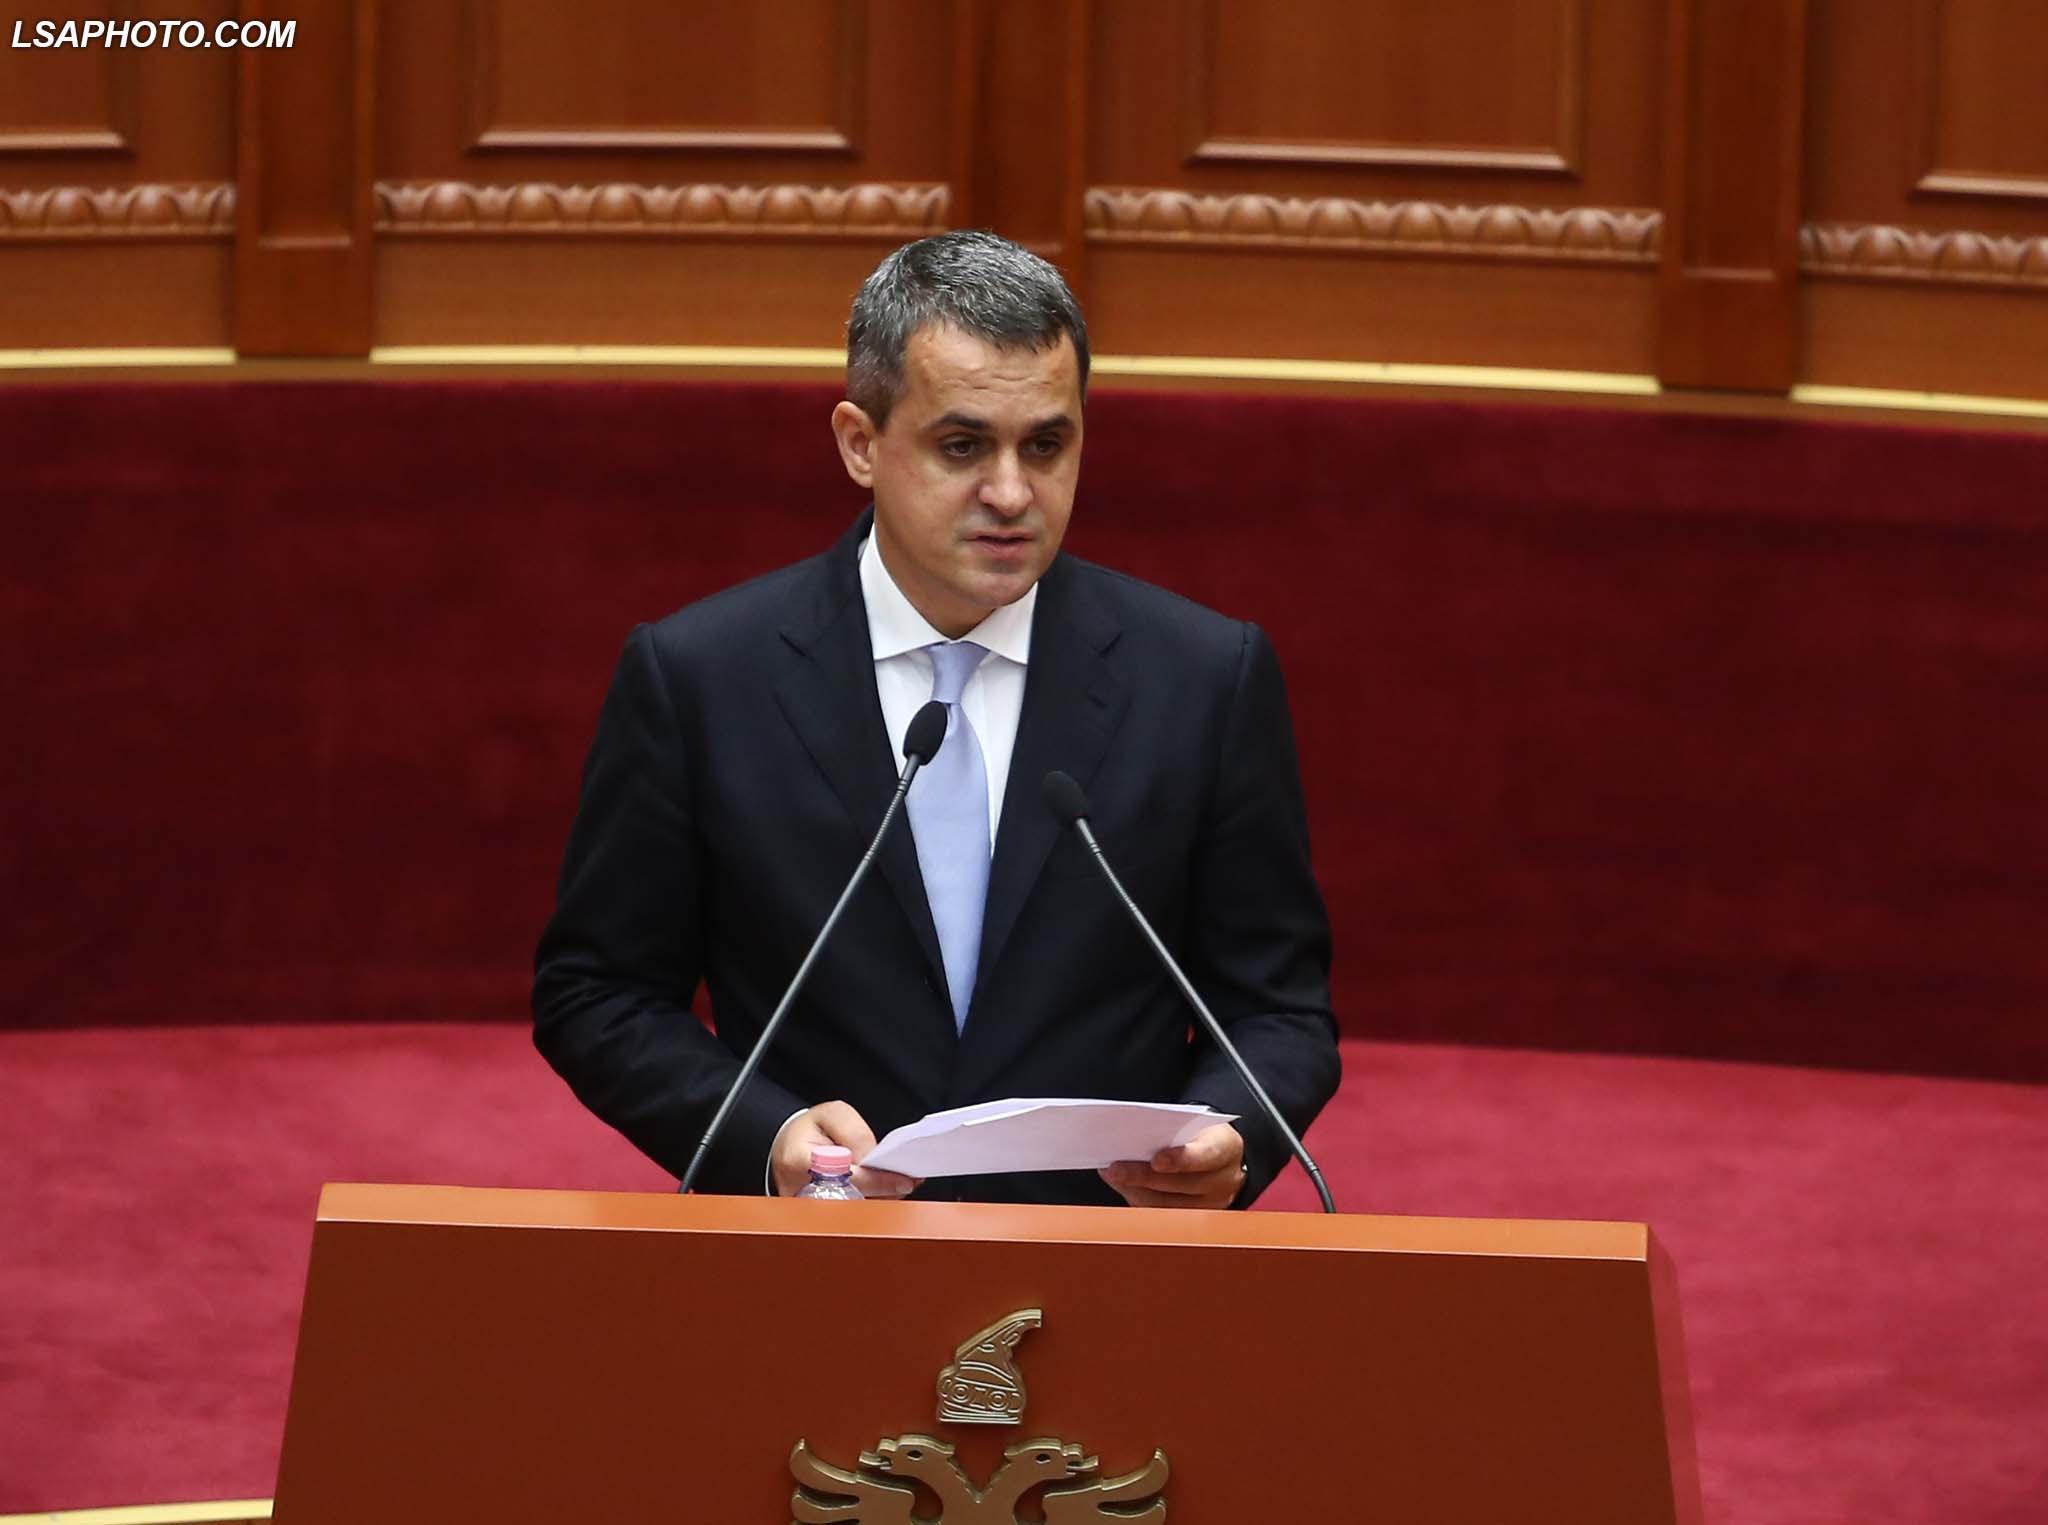 Deputeti i LSI Perparim Spahiu, duke folur gjate nje seance parlamentare, ku eshte miratuar projektvendimi per proceduren paraprake per perzgjedhjen e Inspektorit te Pergjithshem te Bankes se Shqiperise/r/n/r/nLawmaker Perparim Spahiu, speaks during a parliamentary session.